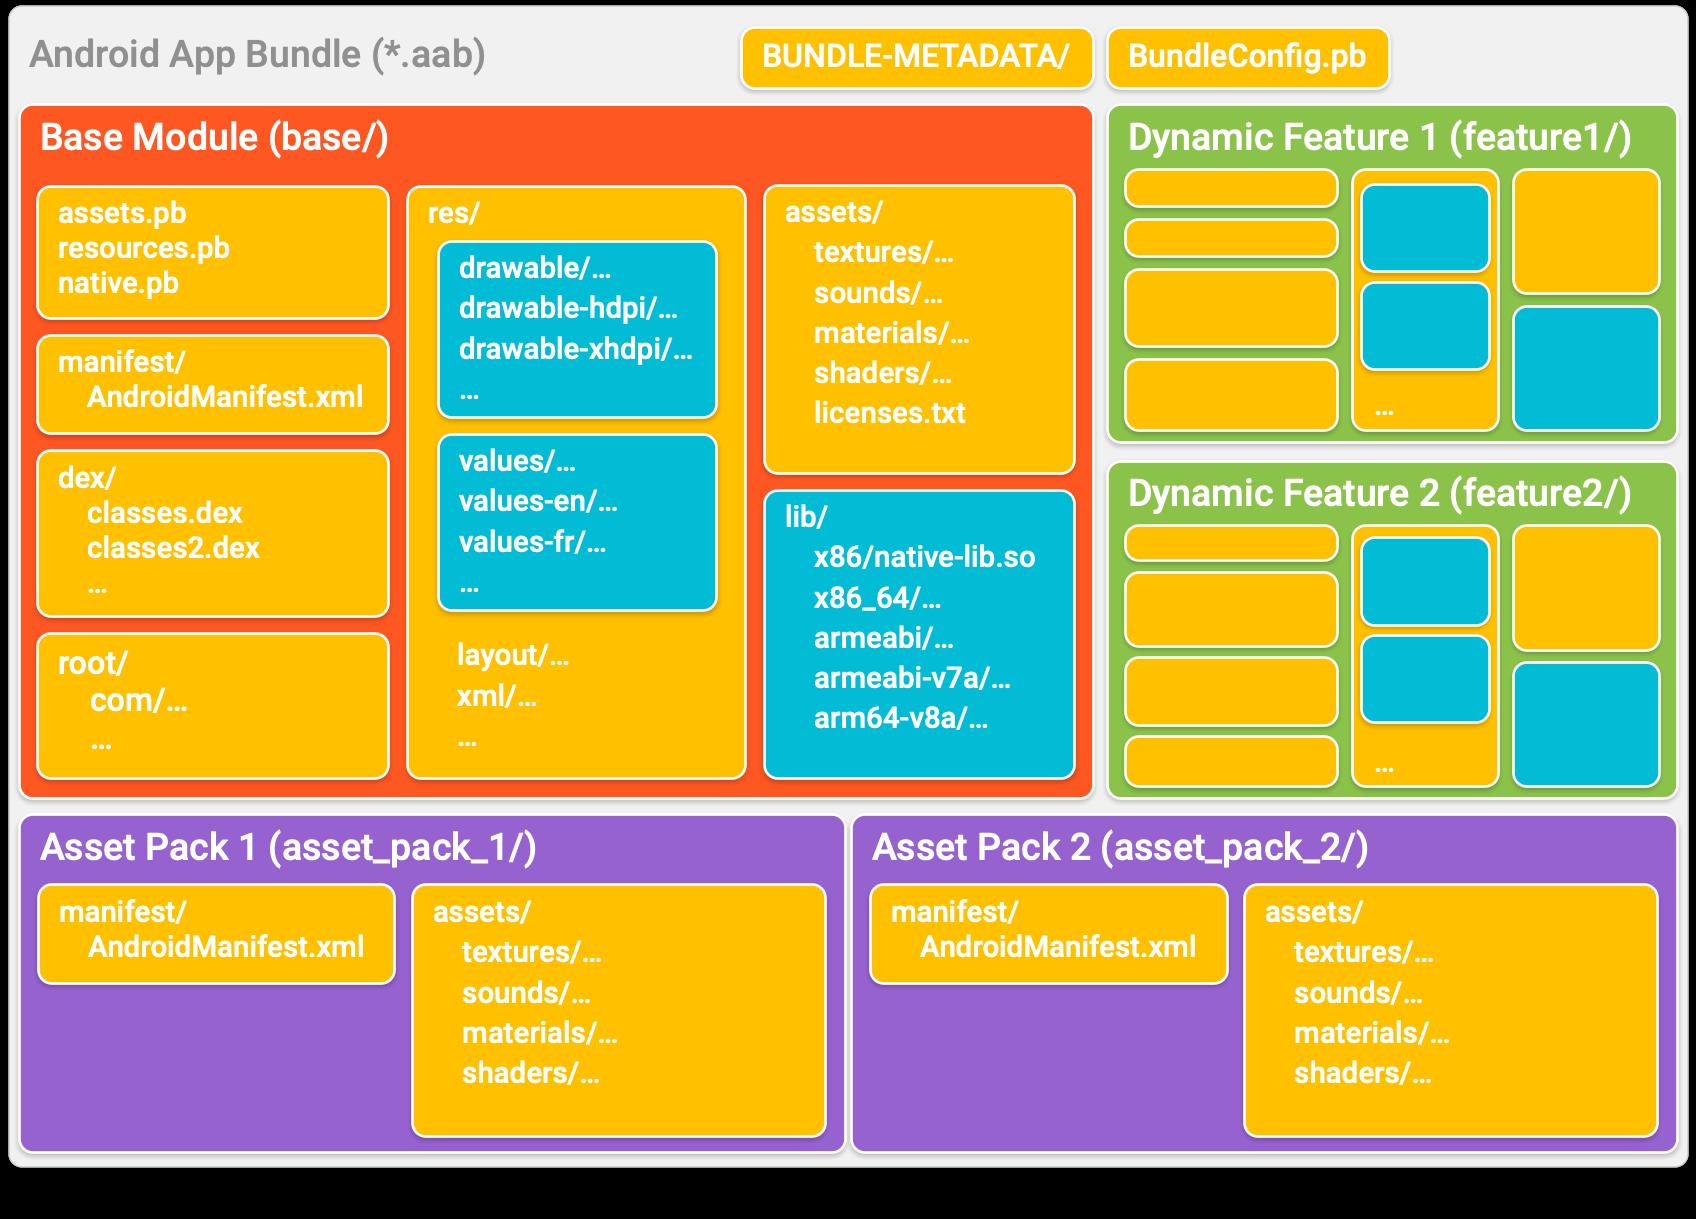 App Bundle は、それぞれがモジュールを表すディレクトリにアプリを整理します。各モジュール ディレクトリ内では、コードとリソースは一般的な APK と同様に構成されています。